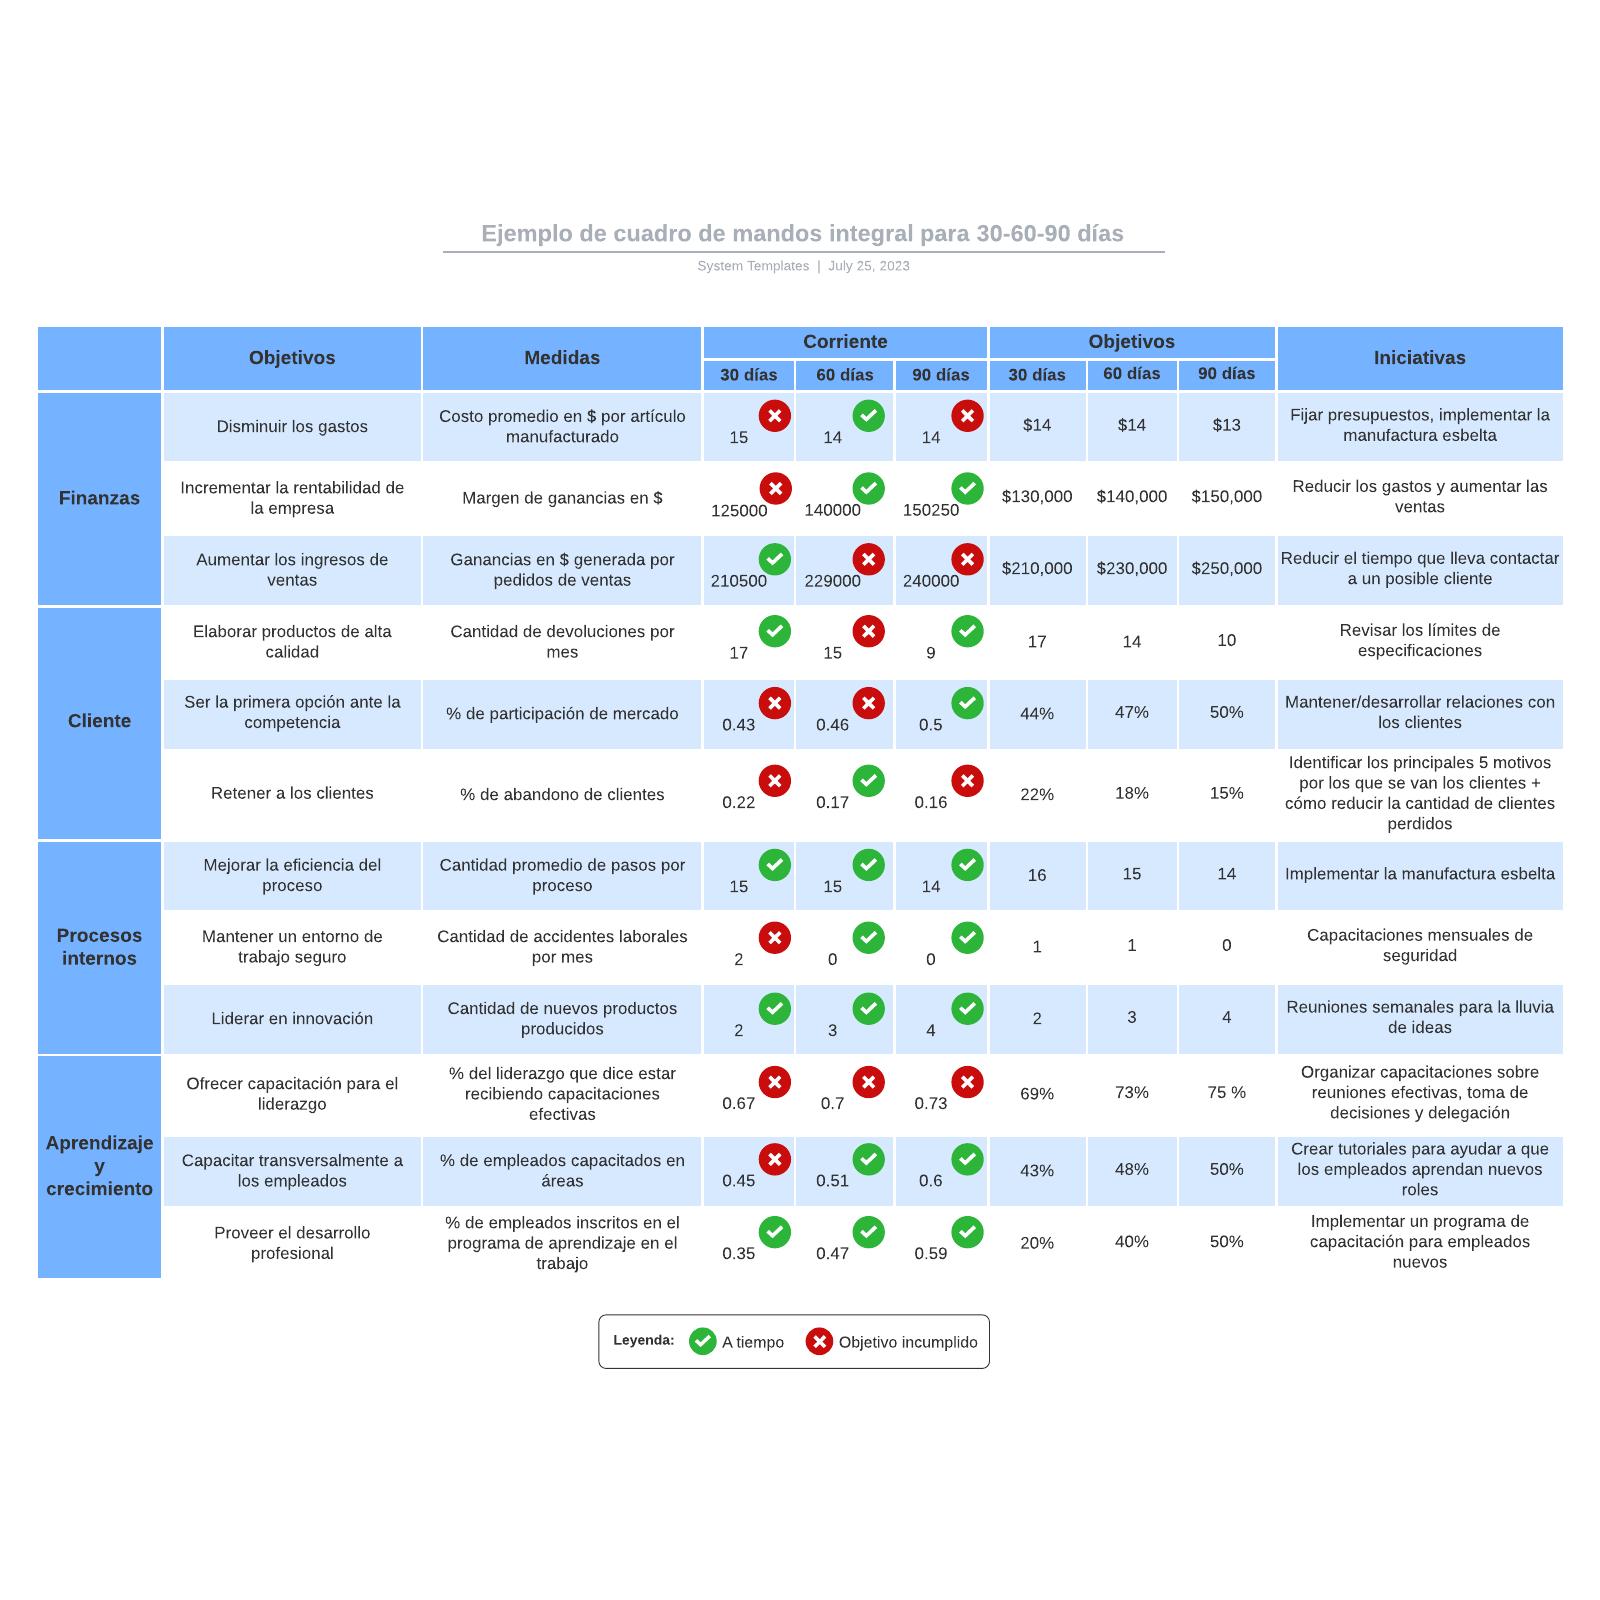 Ejemplo de cuadro de mandos integral para 30-60-90 días